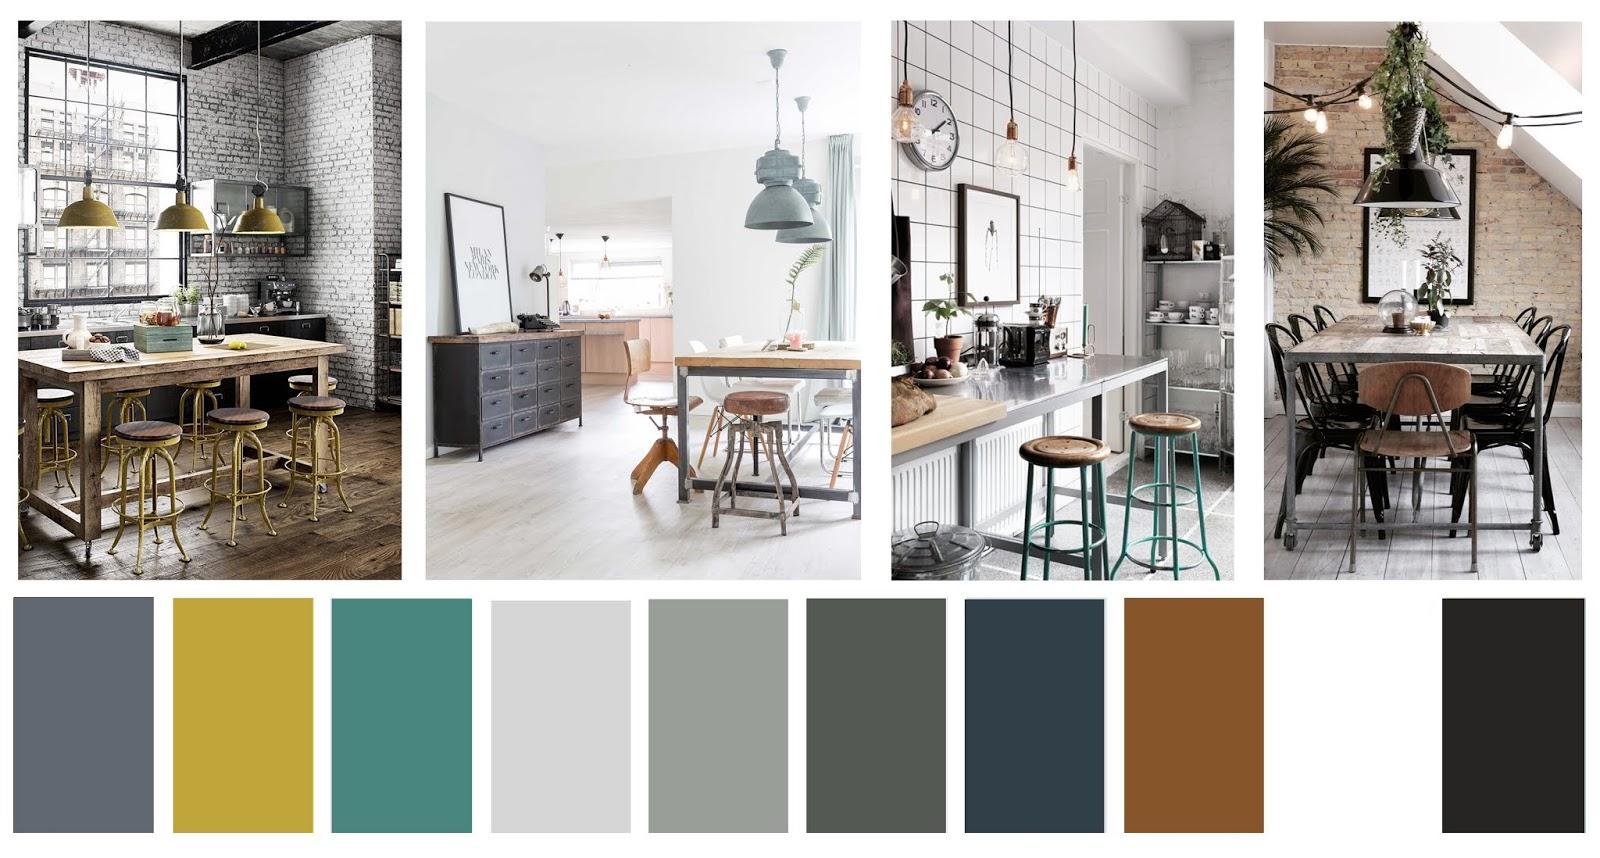 como decorar tu piso de alquiler estilo industrial